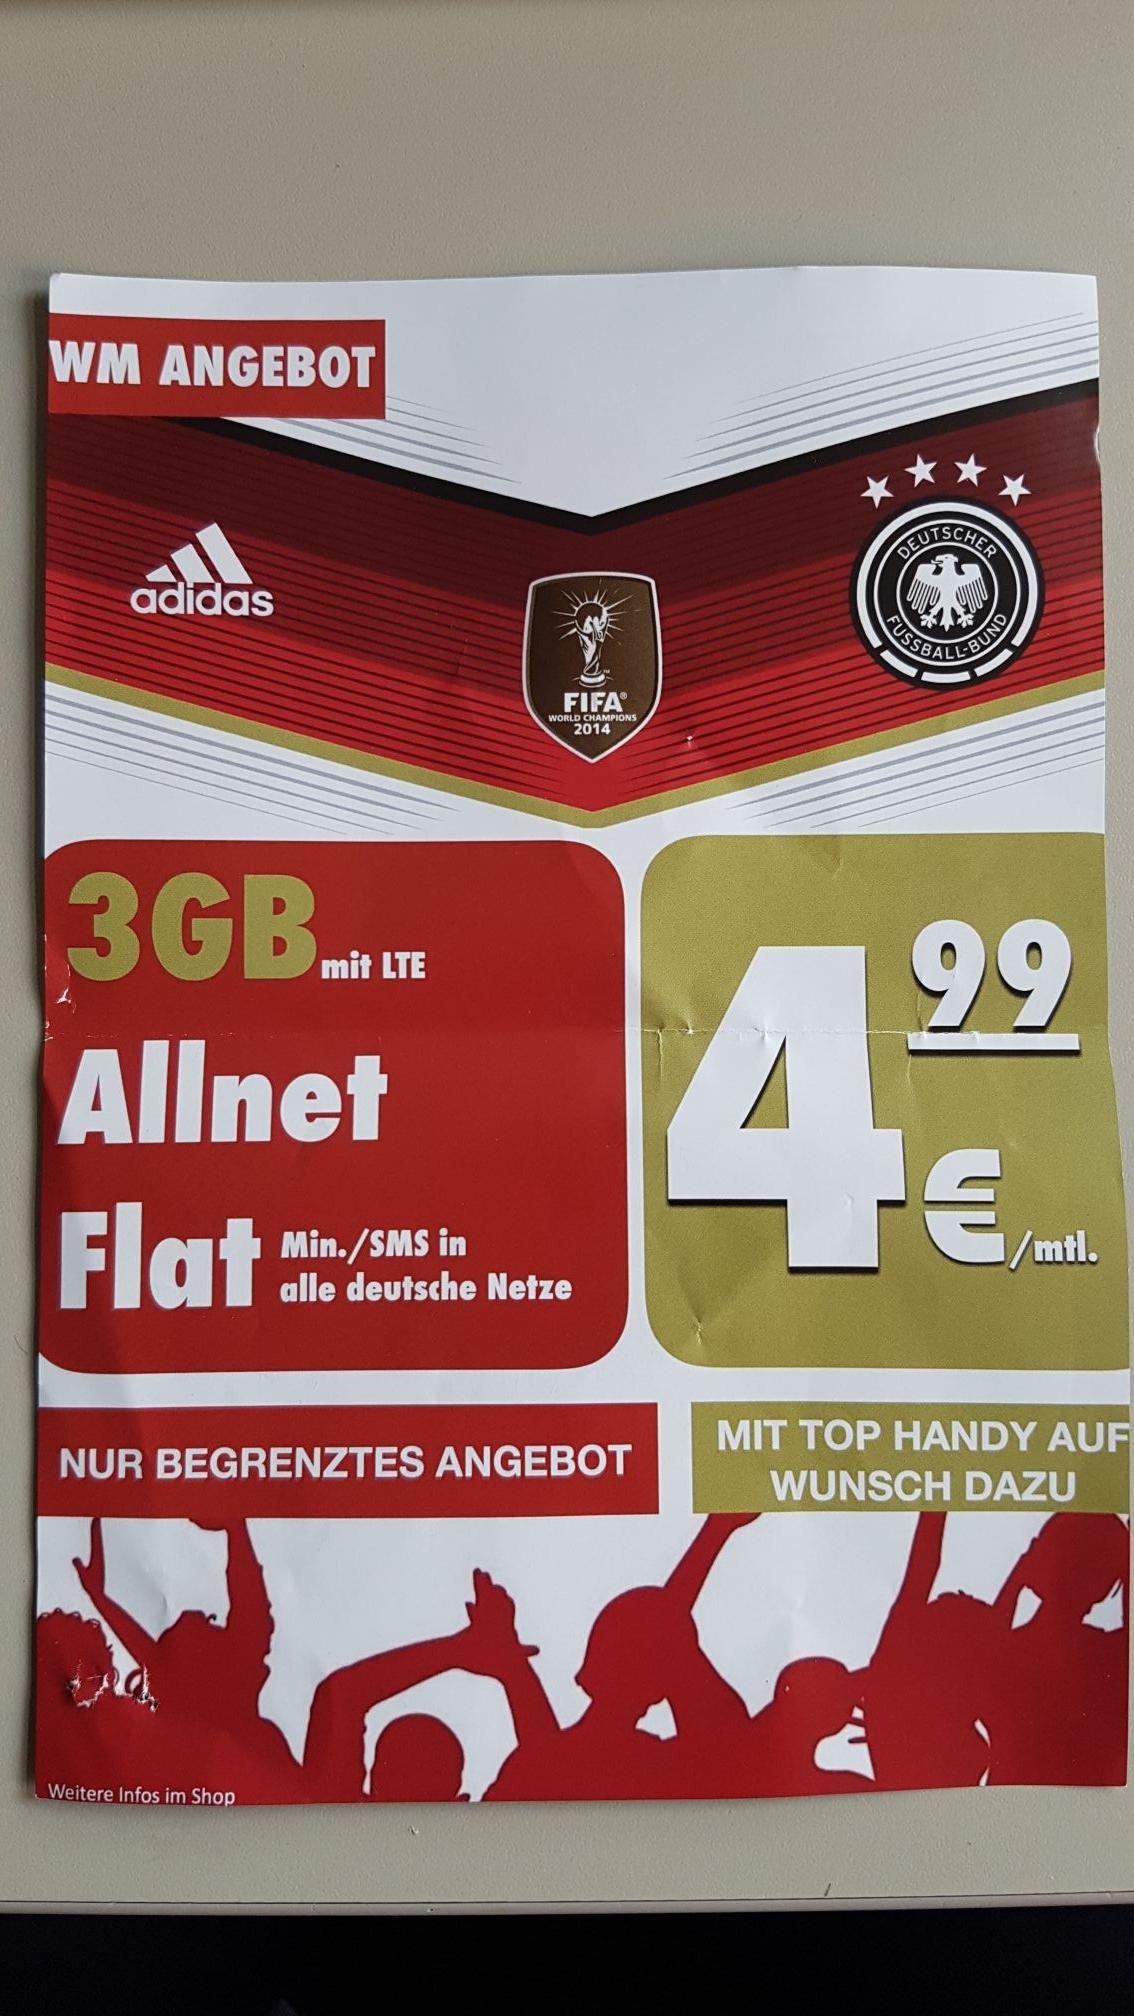 [Lokal Hamburg Steilshoop] Allnet-Flat Telefon + SMS und 3GB LTE im O2 Netz für 4,99€ monatlich auf der Rechnung.